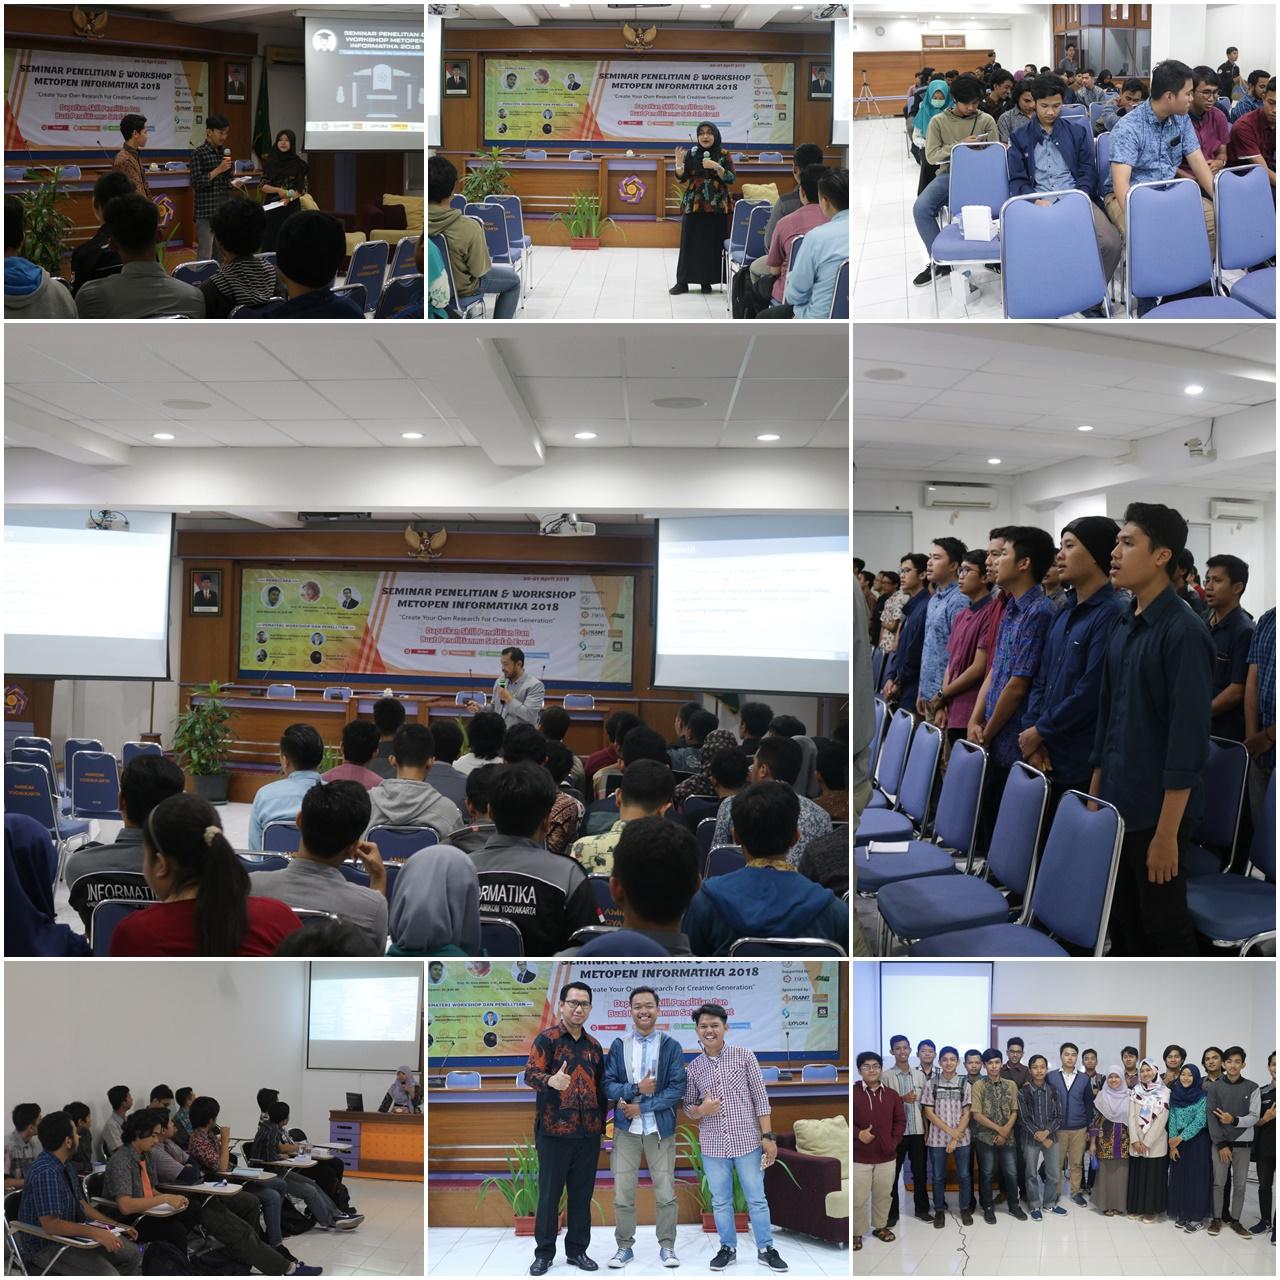 Seminar Penelitian Dan Workshop Metopen Informatika 2018